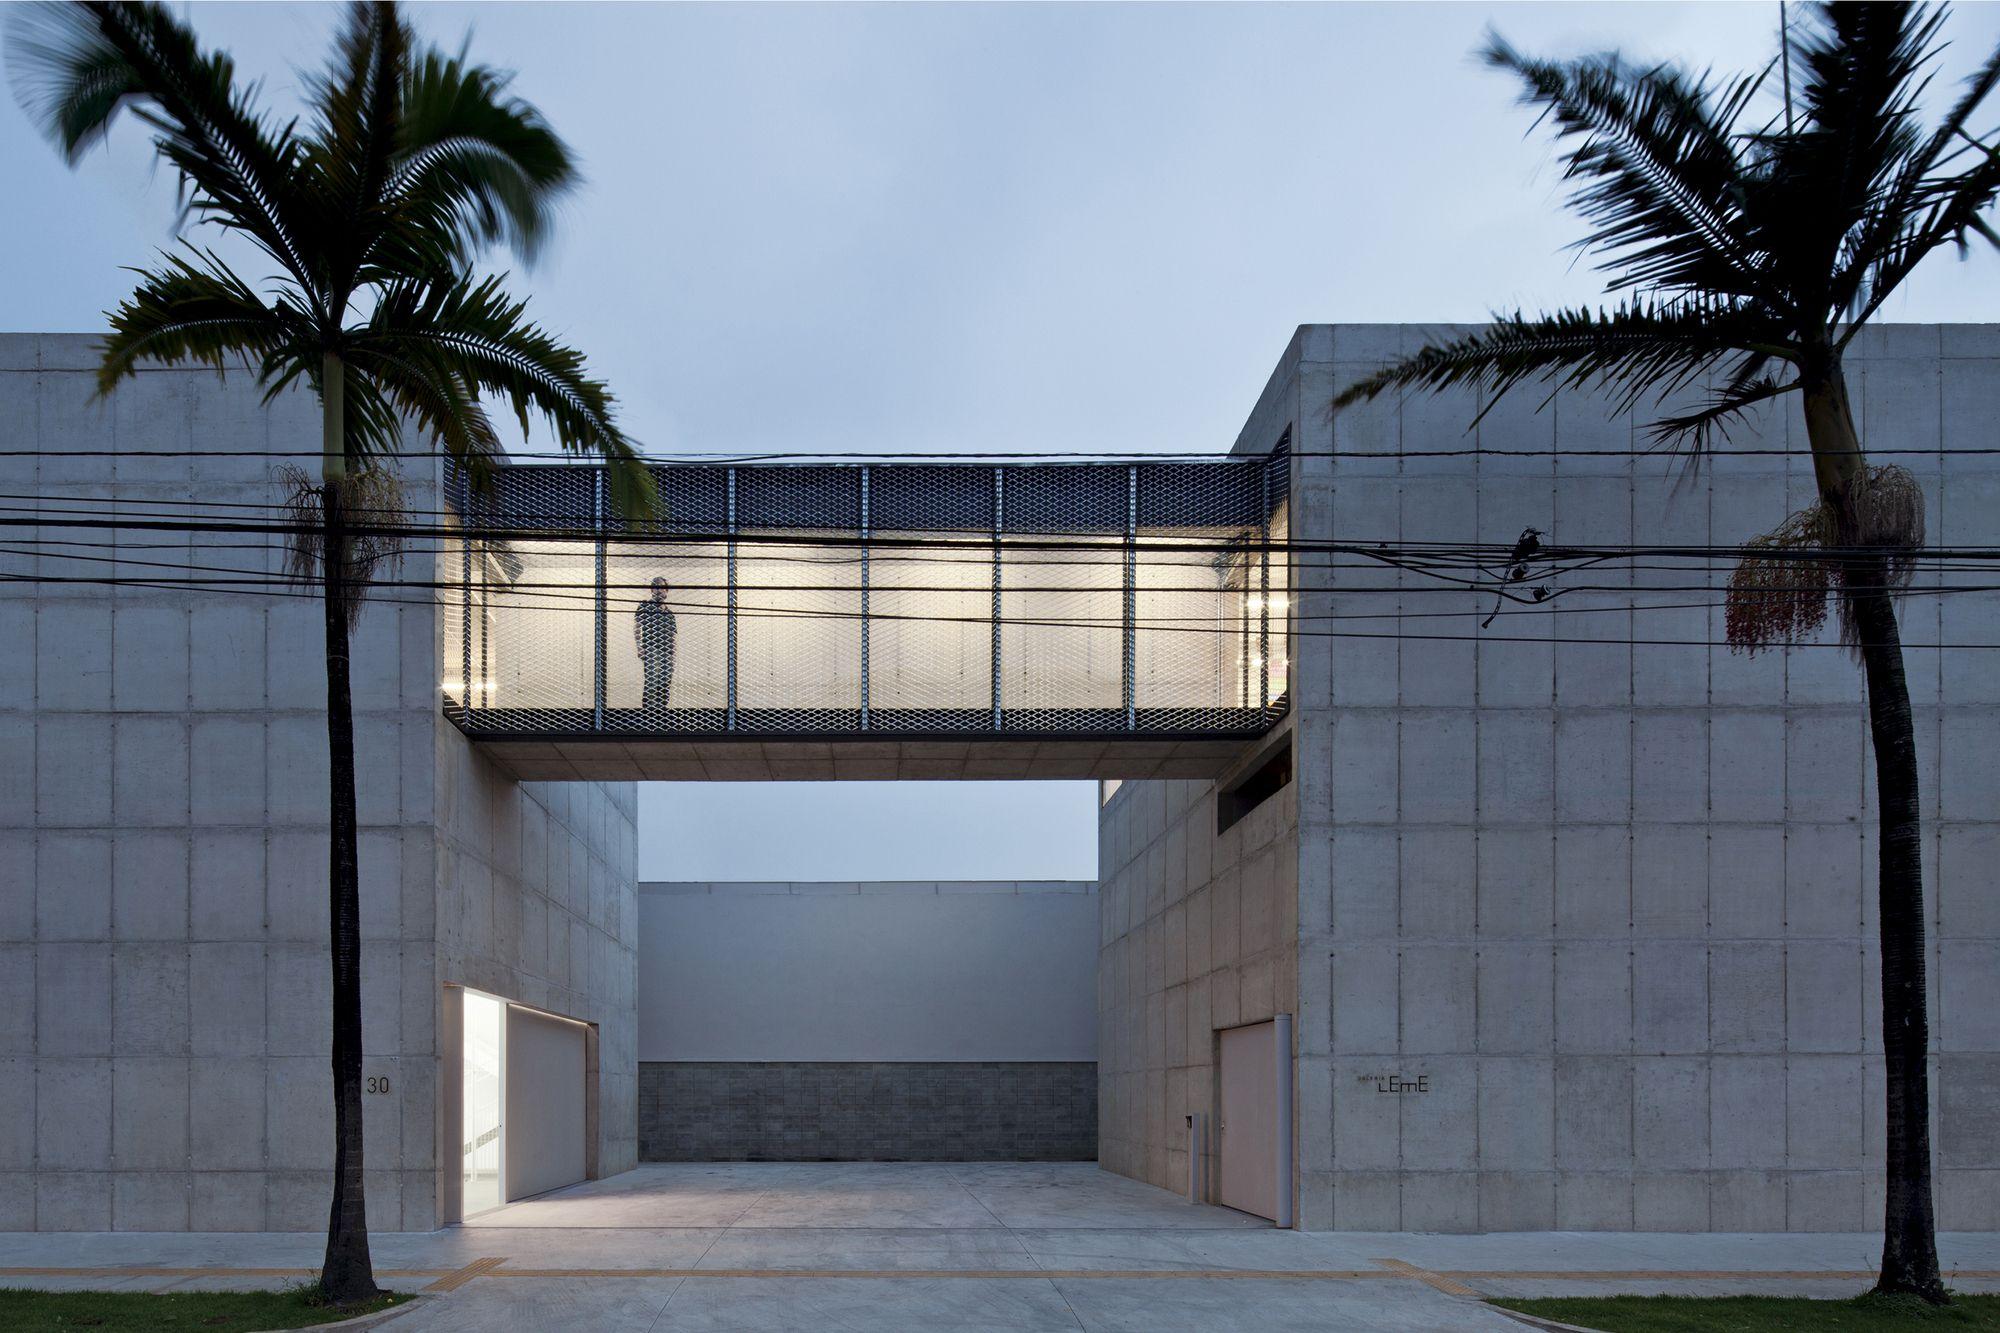 Construído na 2012 na São Paulo, Brasil. Imagens do Leonardo Finotti. A nova galeria leme foi construída em 2011 a duas quadras da galeria original, de 2004. É uma reconstrução do primeiro edifício, com projeto de Paulo...